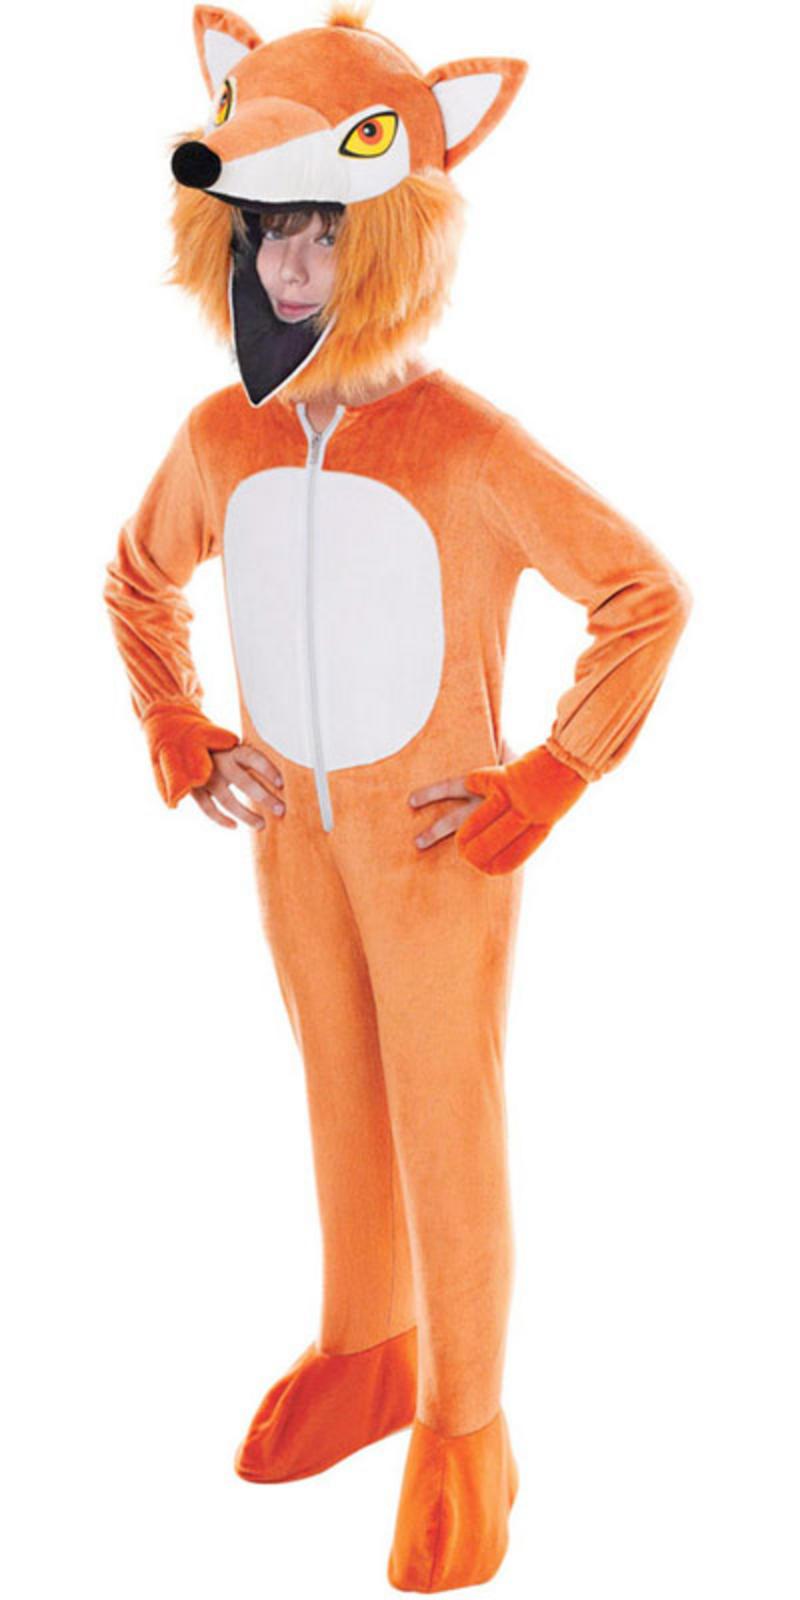 Свете карманного порно костюм лисы вообще